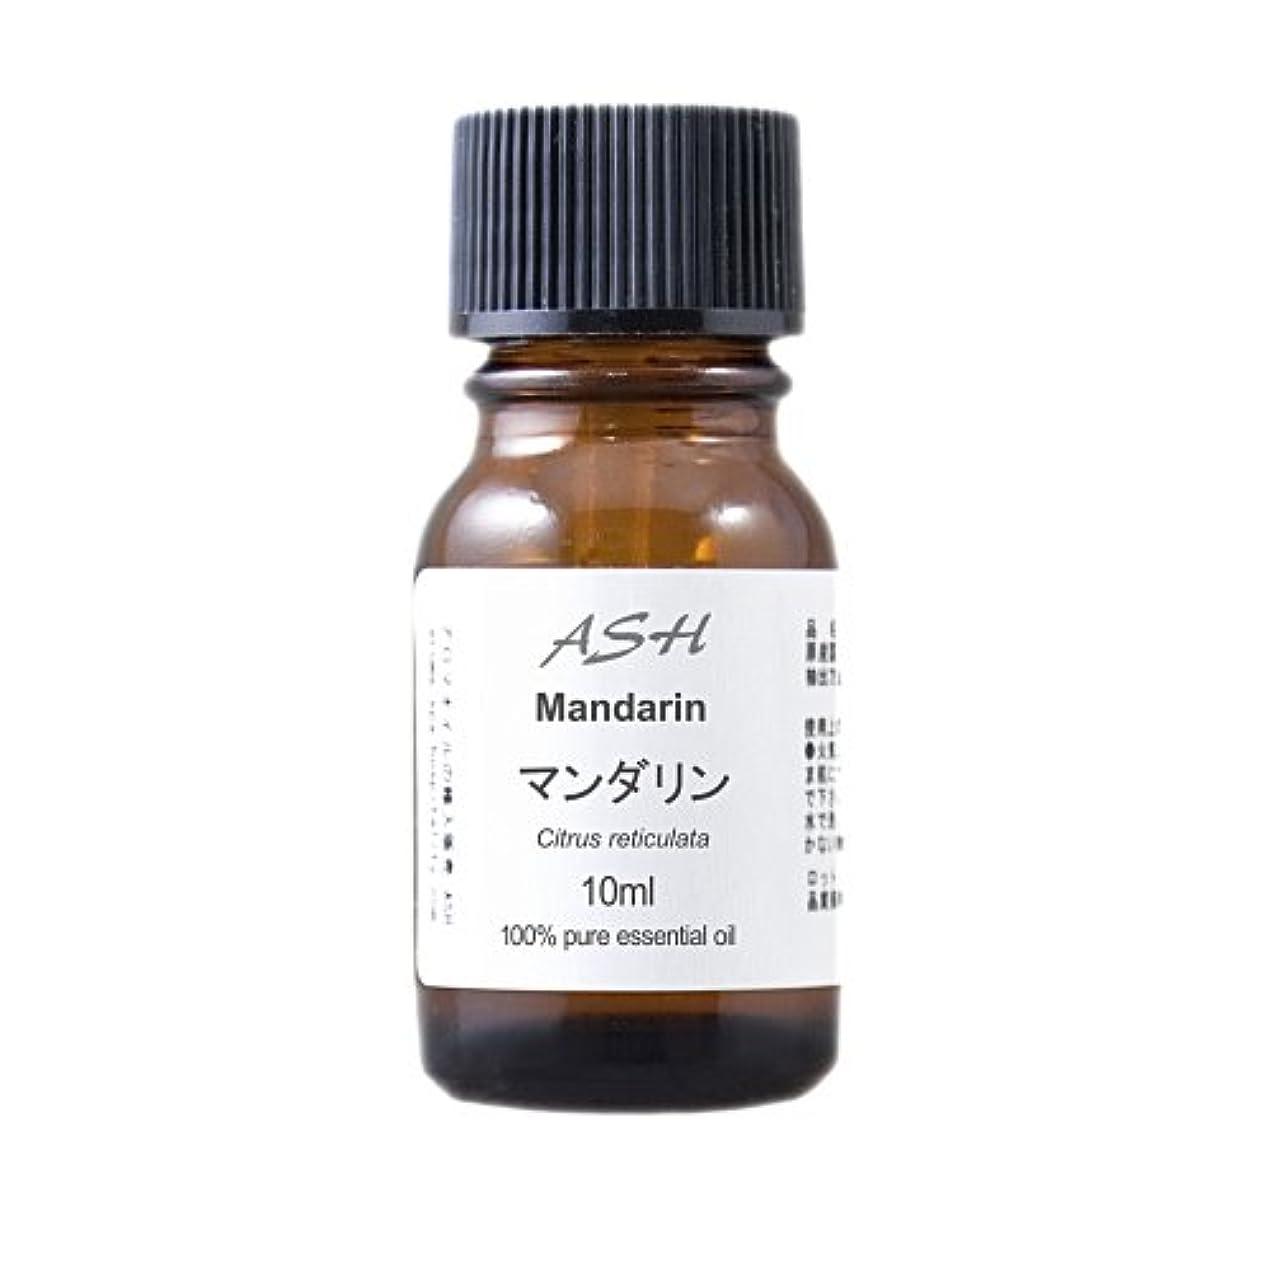 コミット忘れるフロンティアASH マンダリン エッセンシャルオイル 10ml AEAJ表示基準適合認定精油